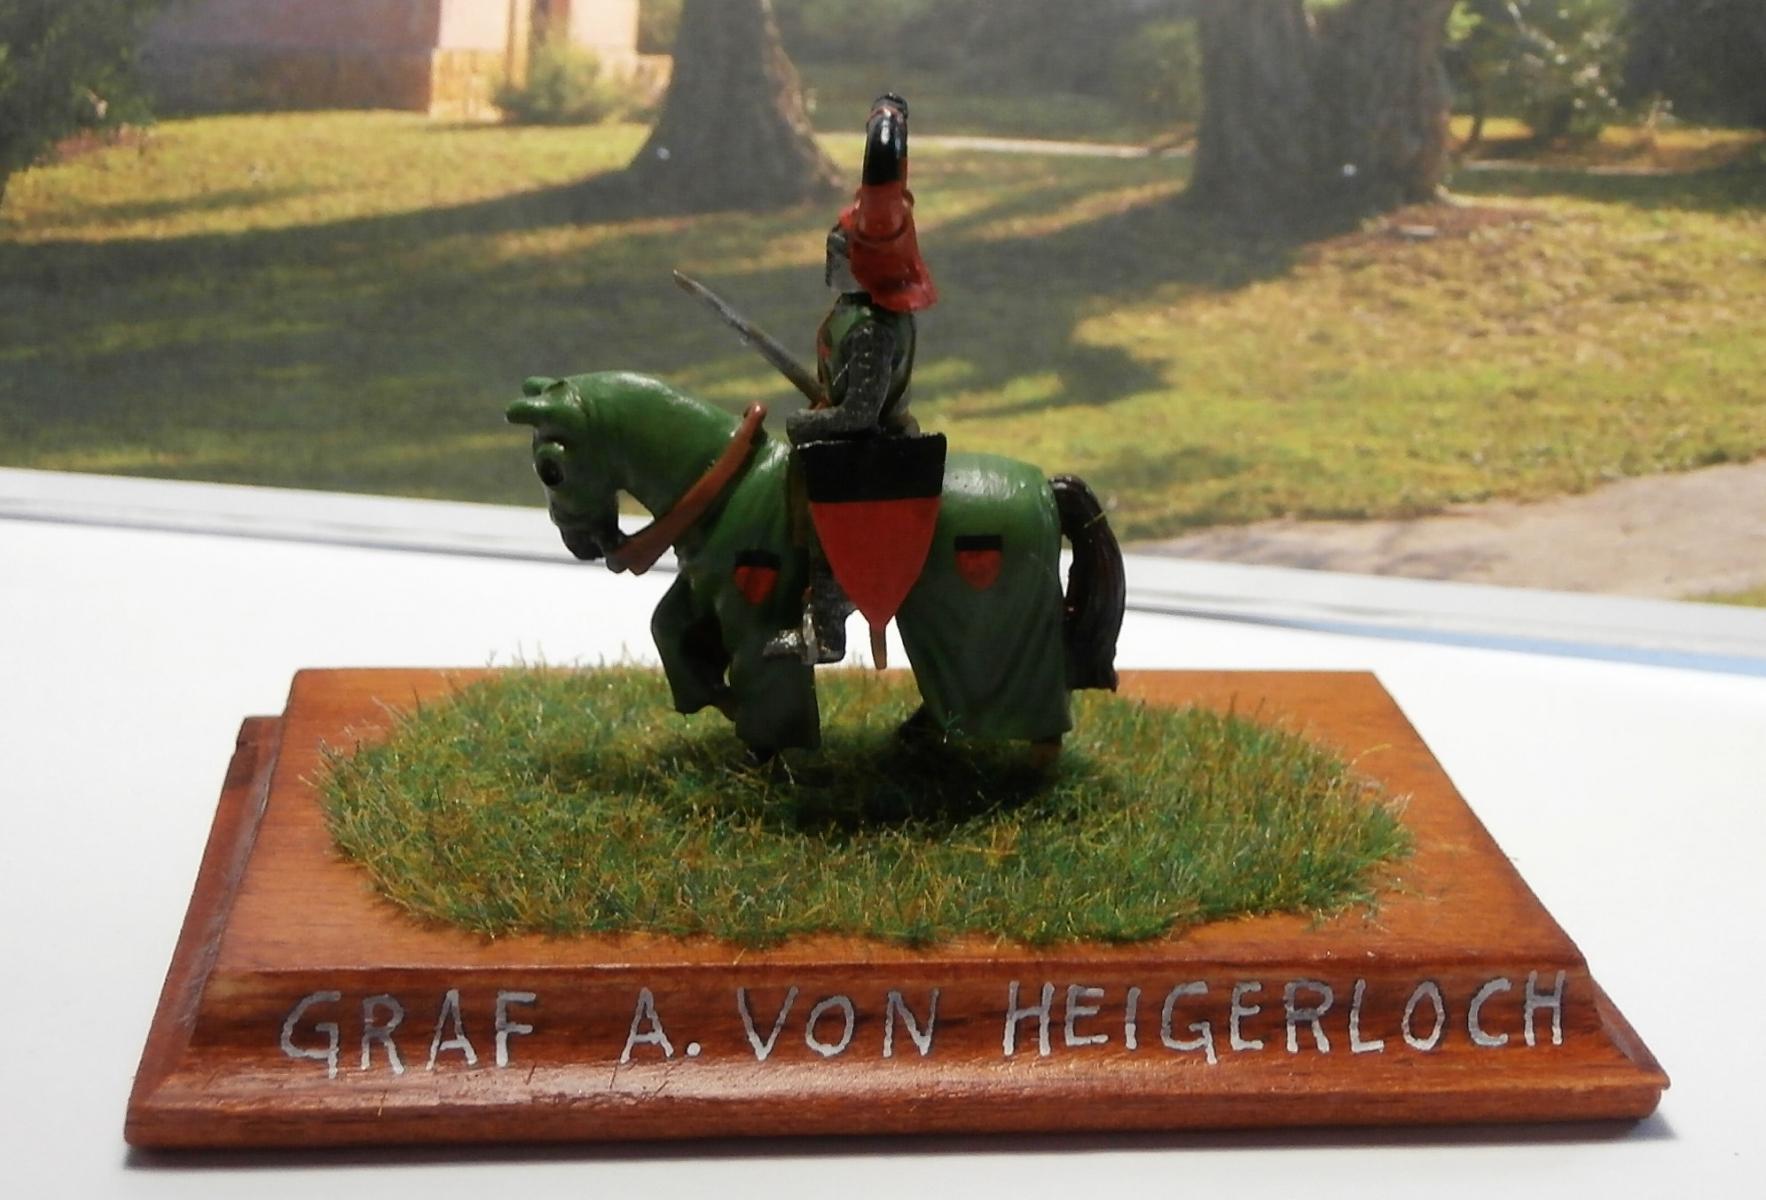 A.Graf von Heigerloch